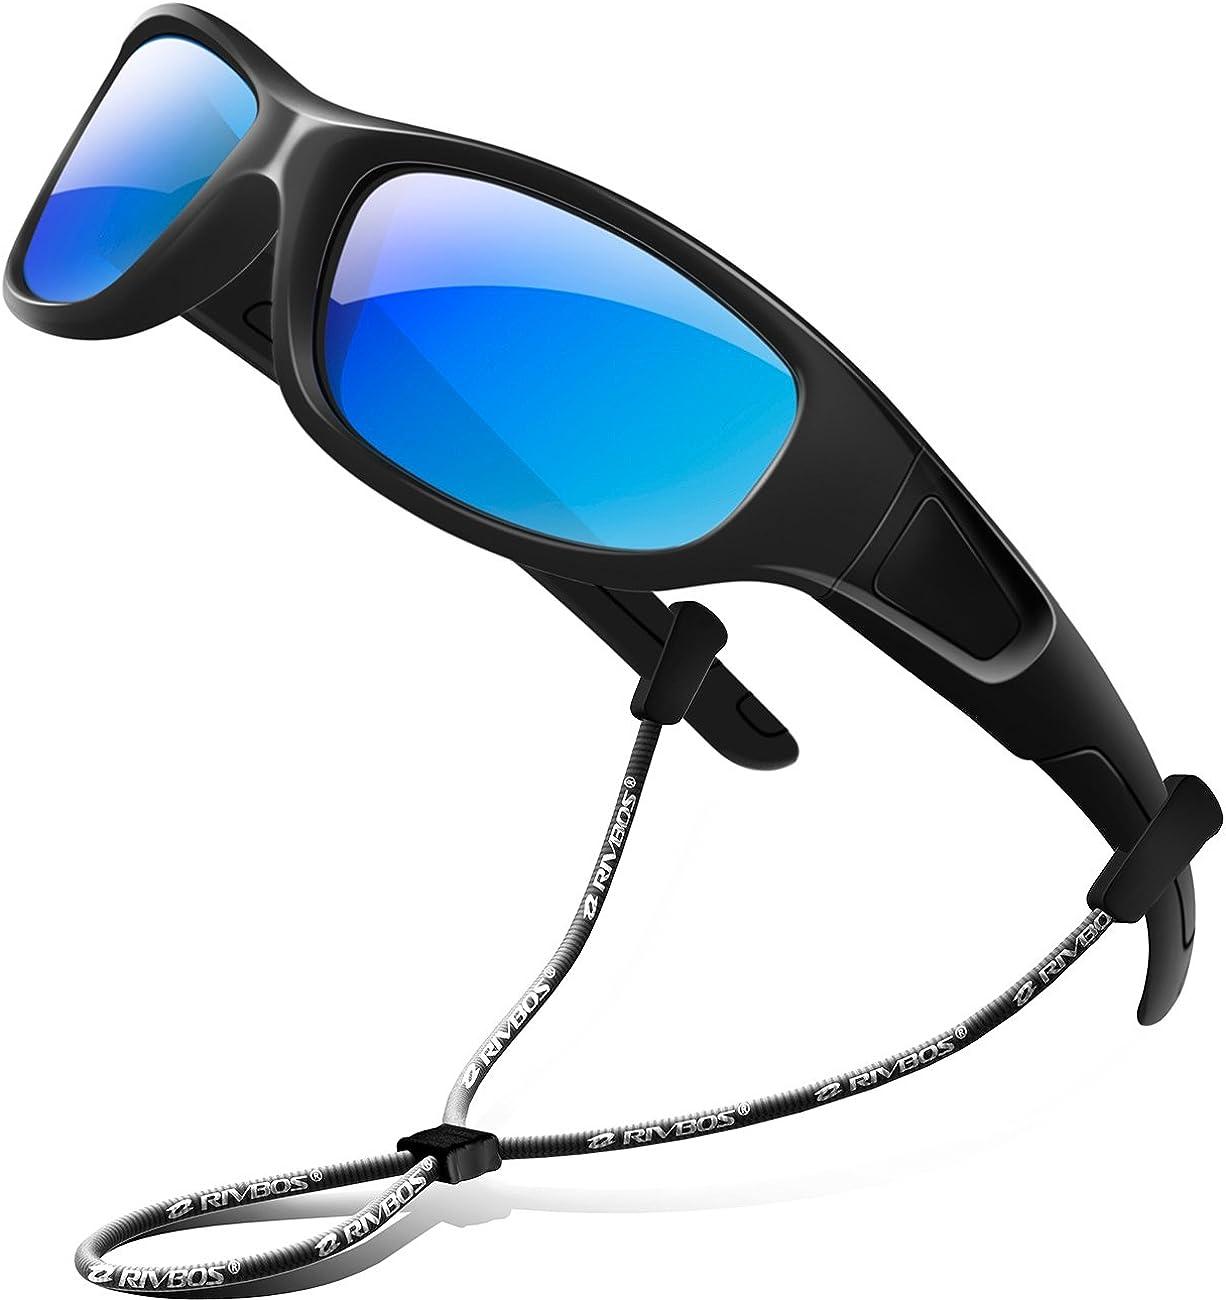 RIVBOS Rubber Kids Polarized Sunglasses for Boys Girls Children Age 3-10 RBK002-2